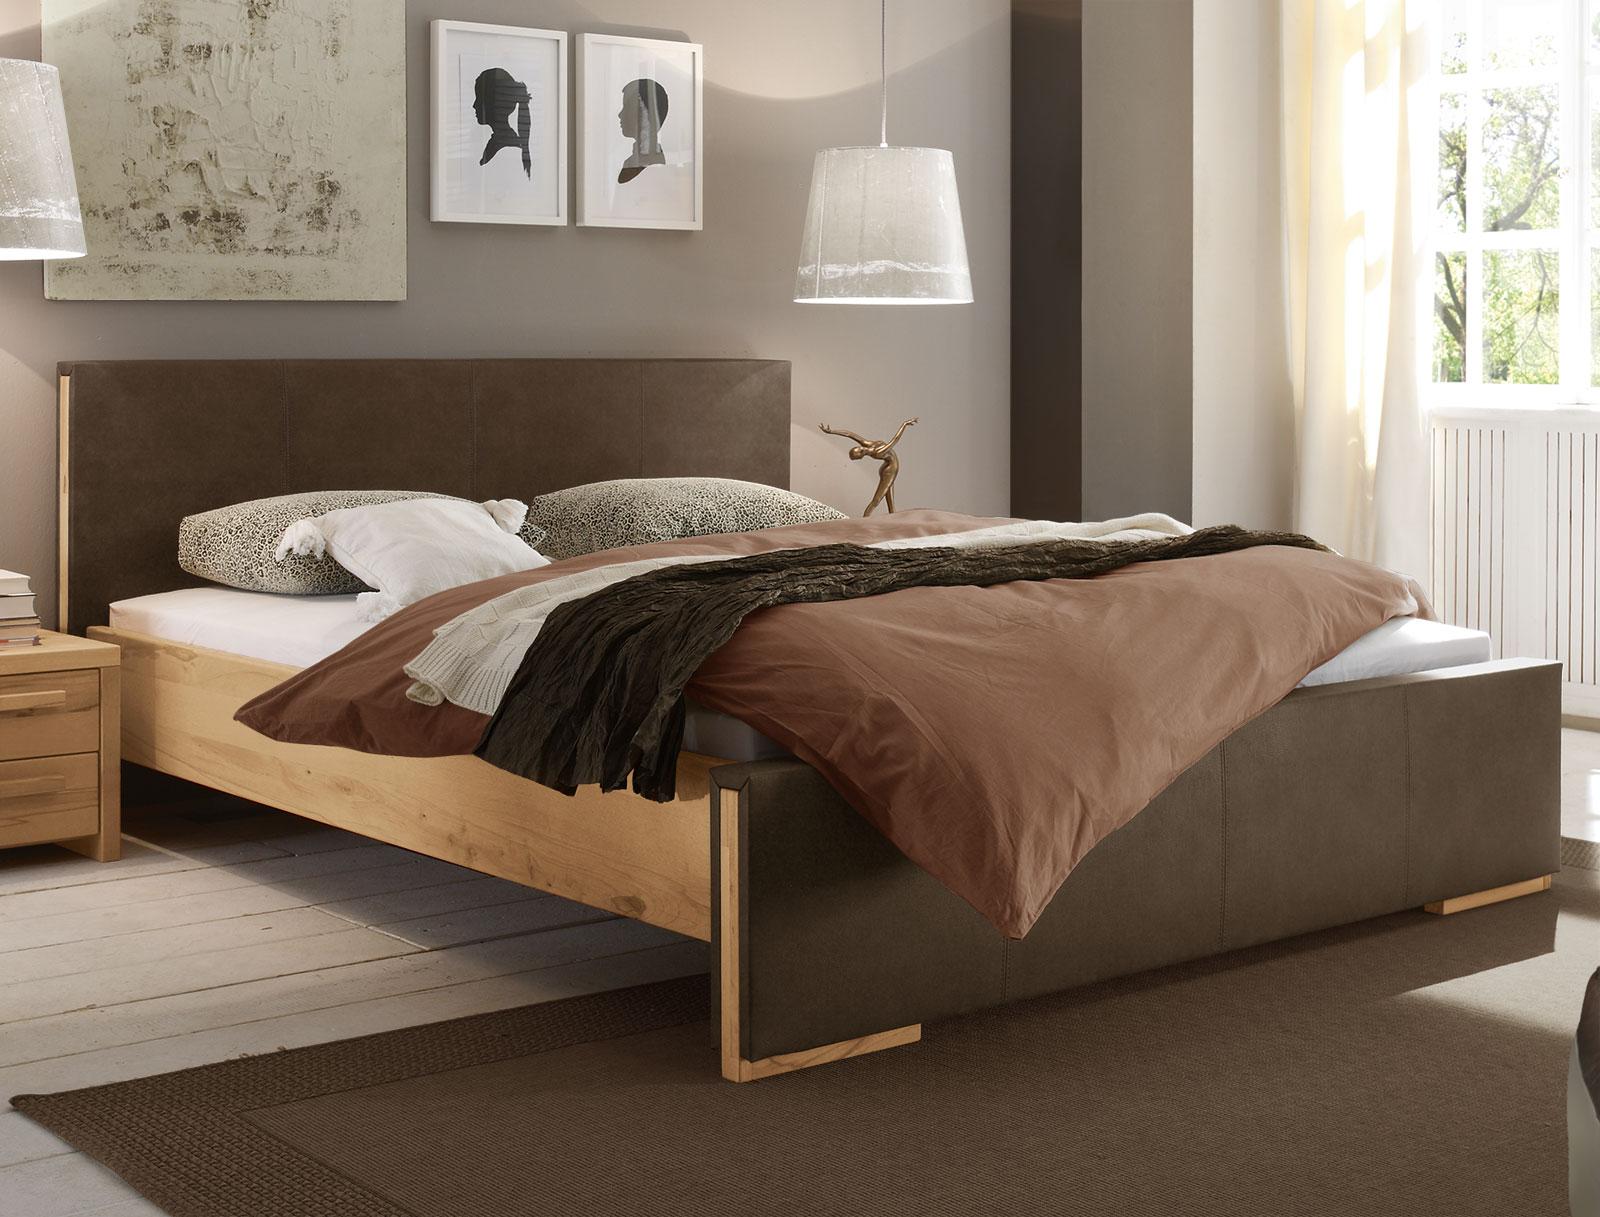 bett aus wildbuche massivholz mit luxus-kunstleder - amadora, Wohnideen design